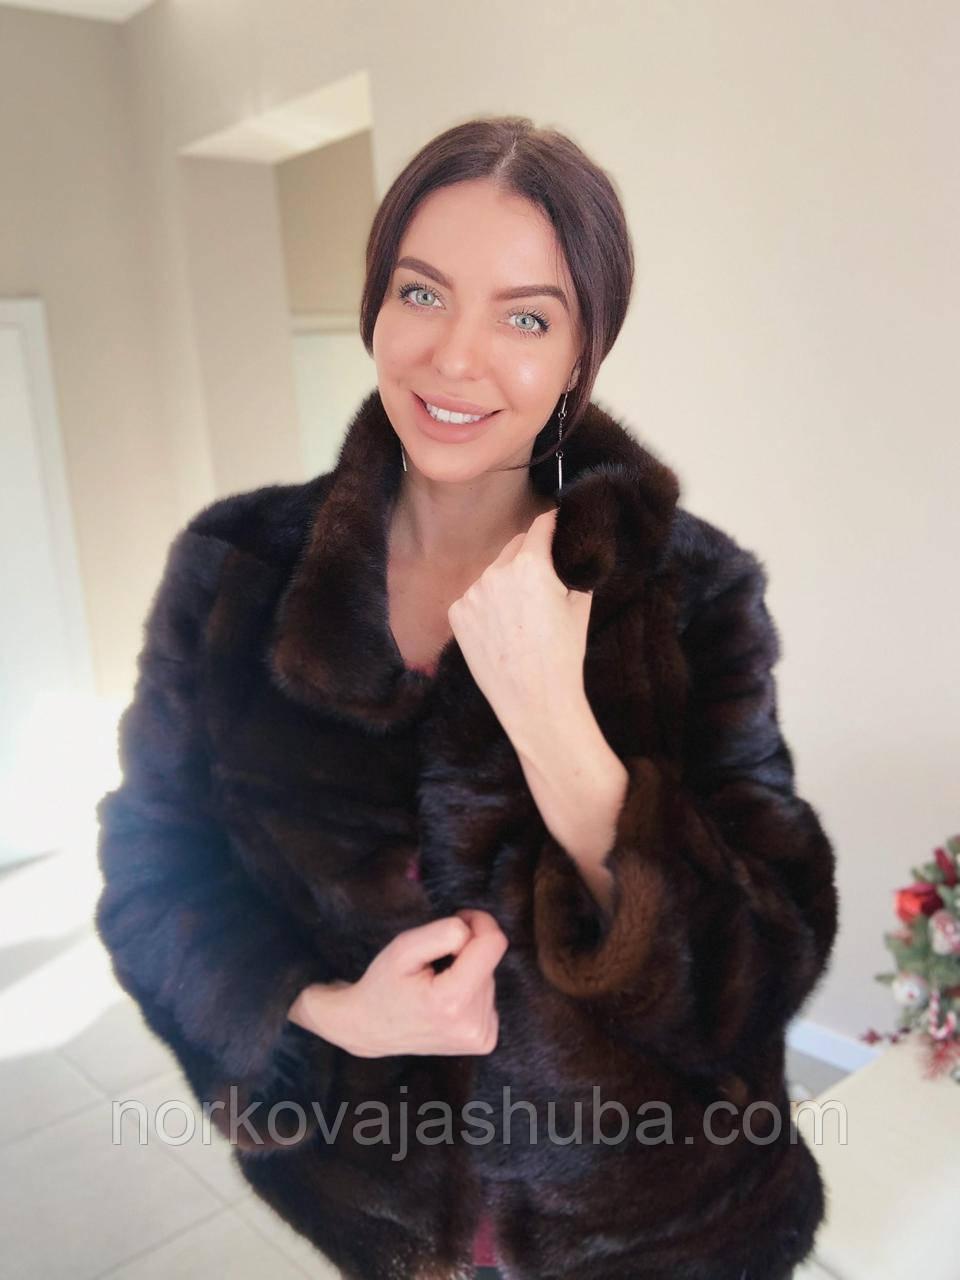 Женский норковый полушубок поперечка коричневого цвета размер 46 48 M - шоурум в Харькове